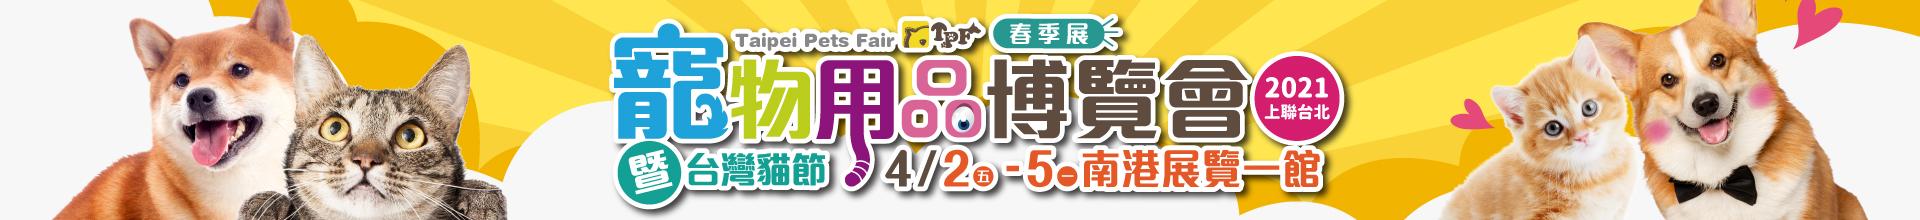 2021上聯台北國際寵物用品博覽會(春季展)暨台灣貓節